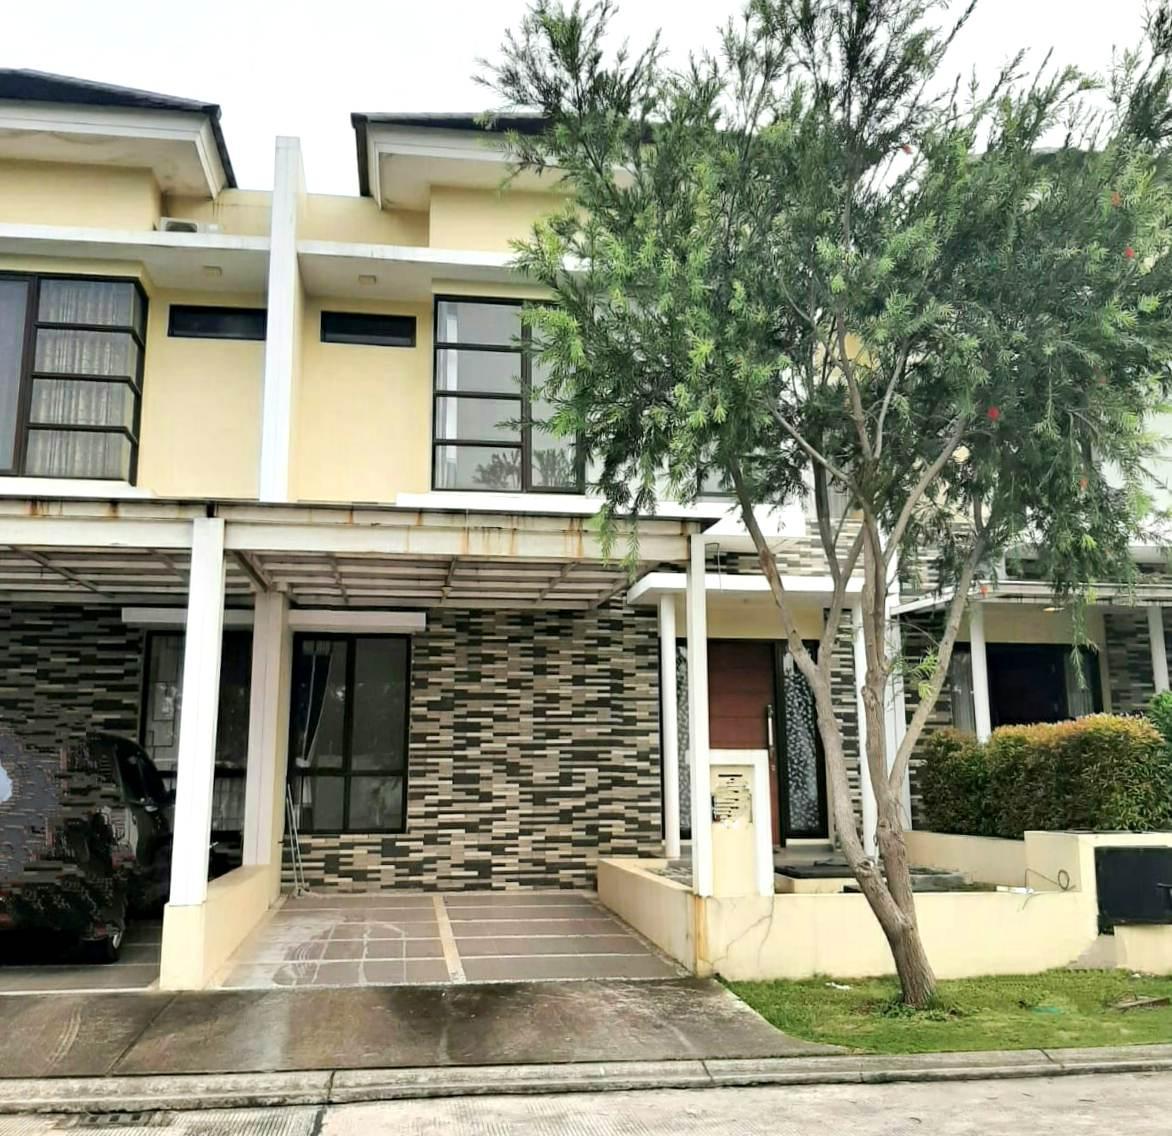 Rumah Siap Huni Cluster Arana Kota Harapan Indah Bekasi - 1